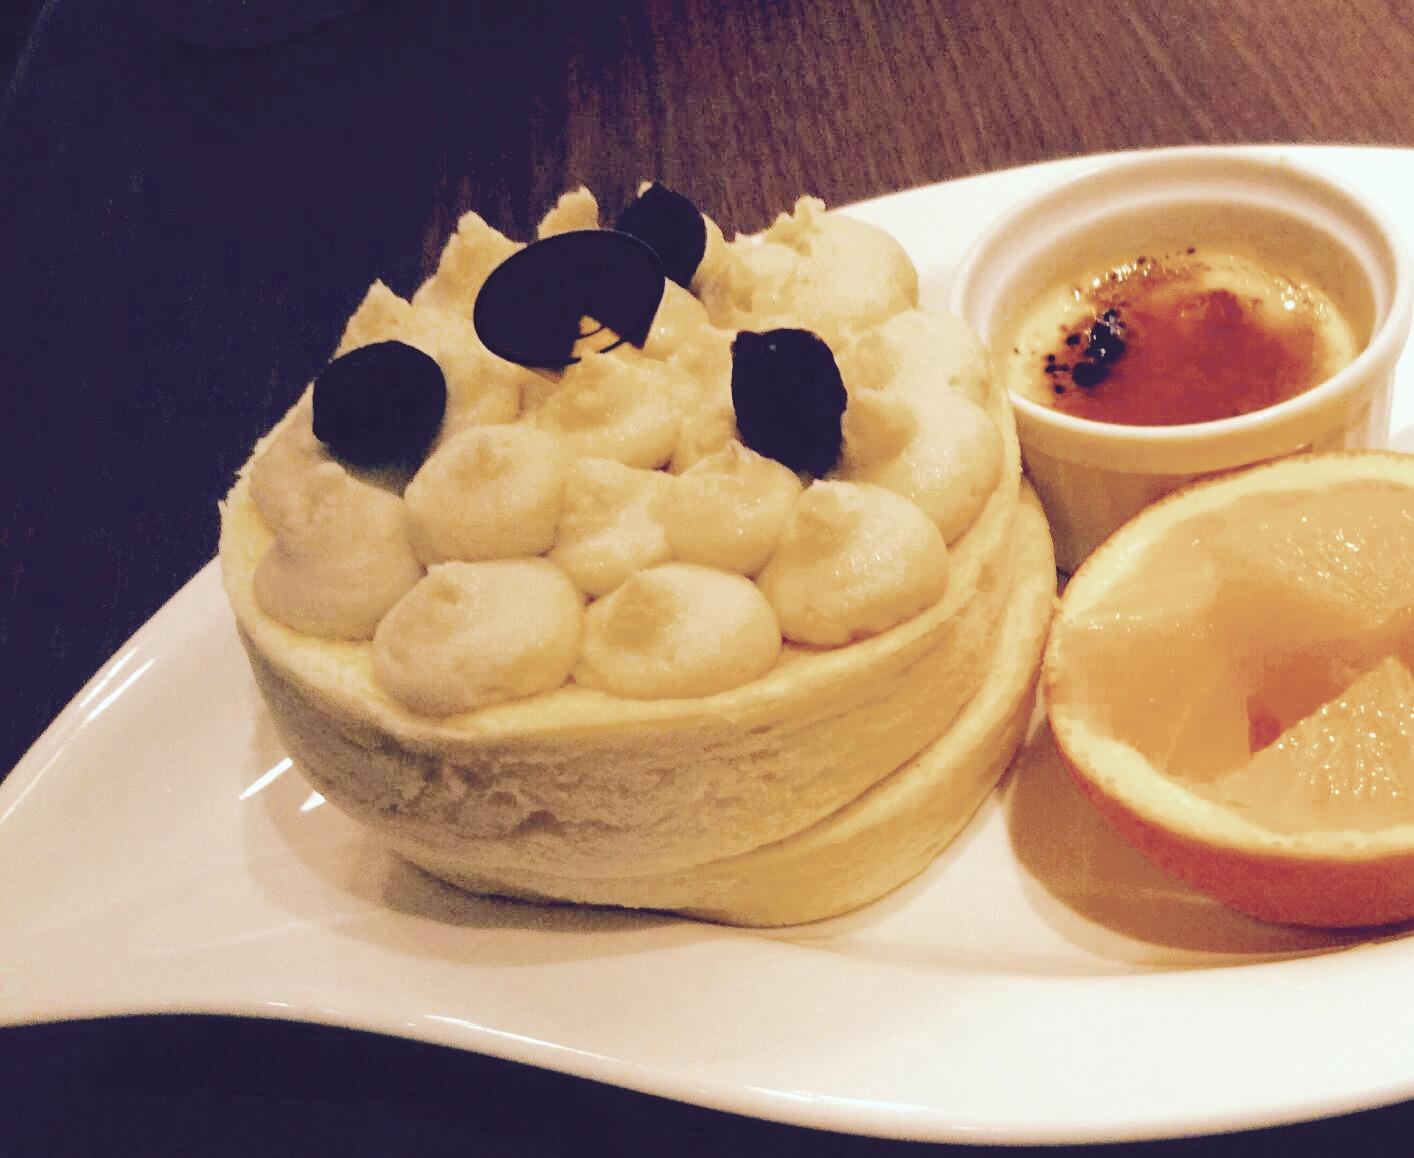 札幌・スイーツスマイルのふわふわパンケーキ!